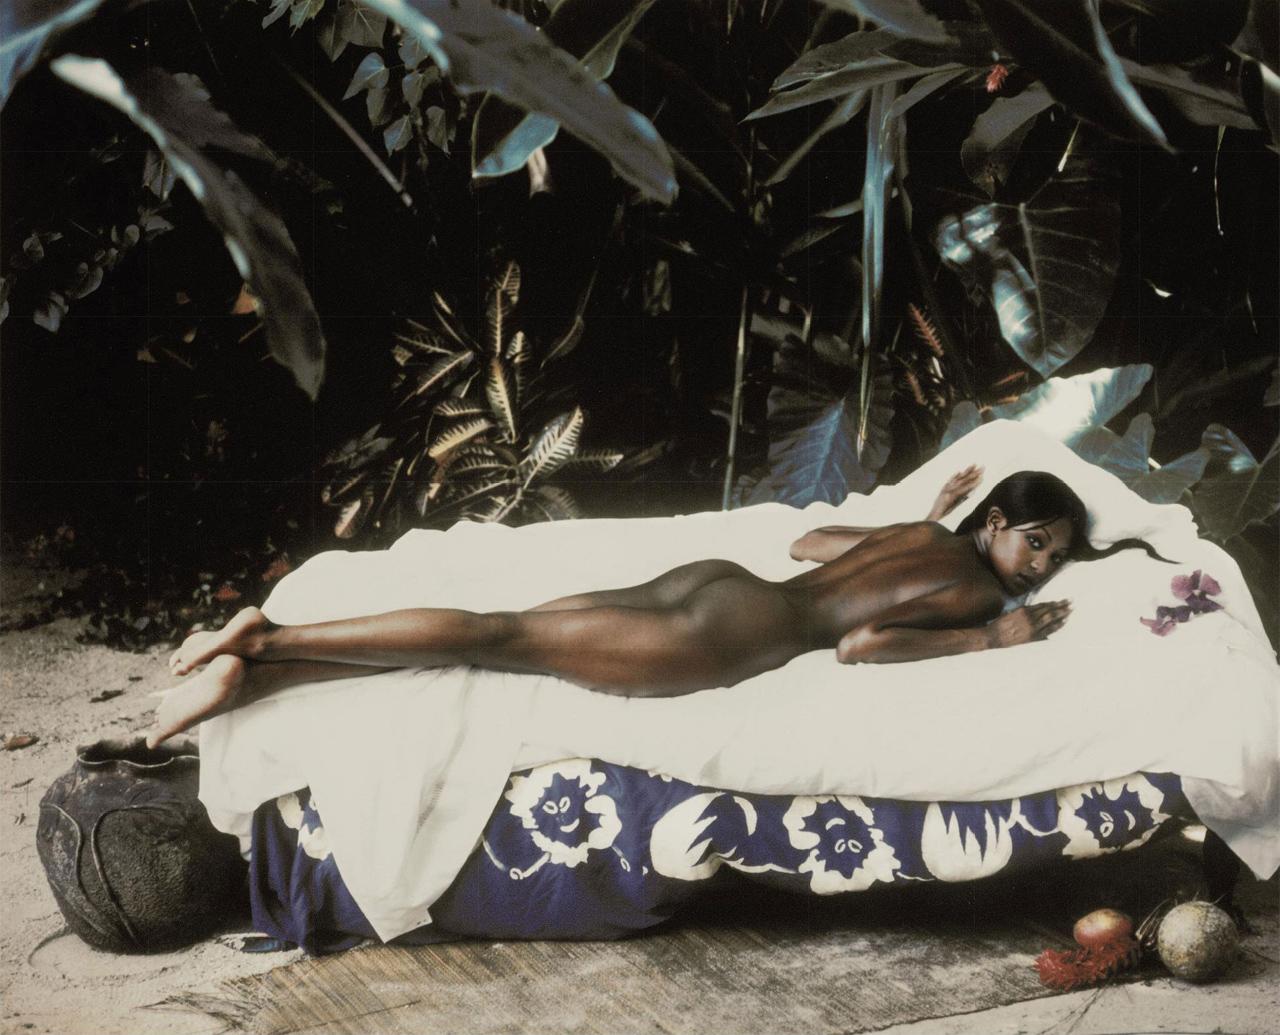 http://2.bp.blogspot.com/-lHFIBDe9cPQ/TdYZ_KbJbaI/AAAAAAAABC8/jr2F06MPkh0/s1600/Homage-a-Gauguin-Naomi-Campbell-by-Peter-Lindbergh-for-Harper%25E2%2580%2599s-Bazaar-Jamaica-1992.jpg